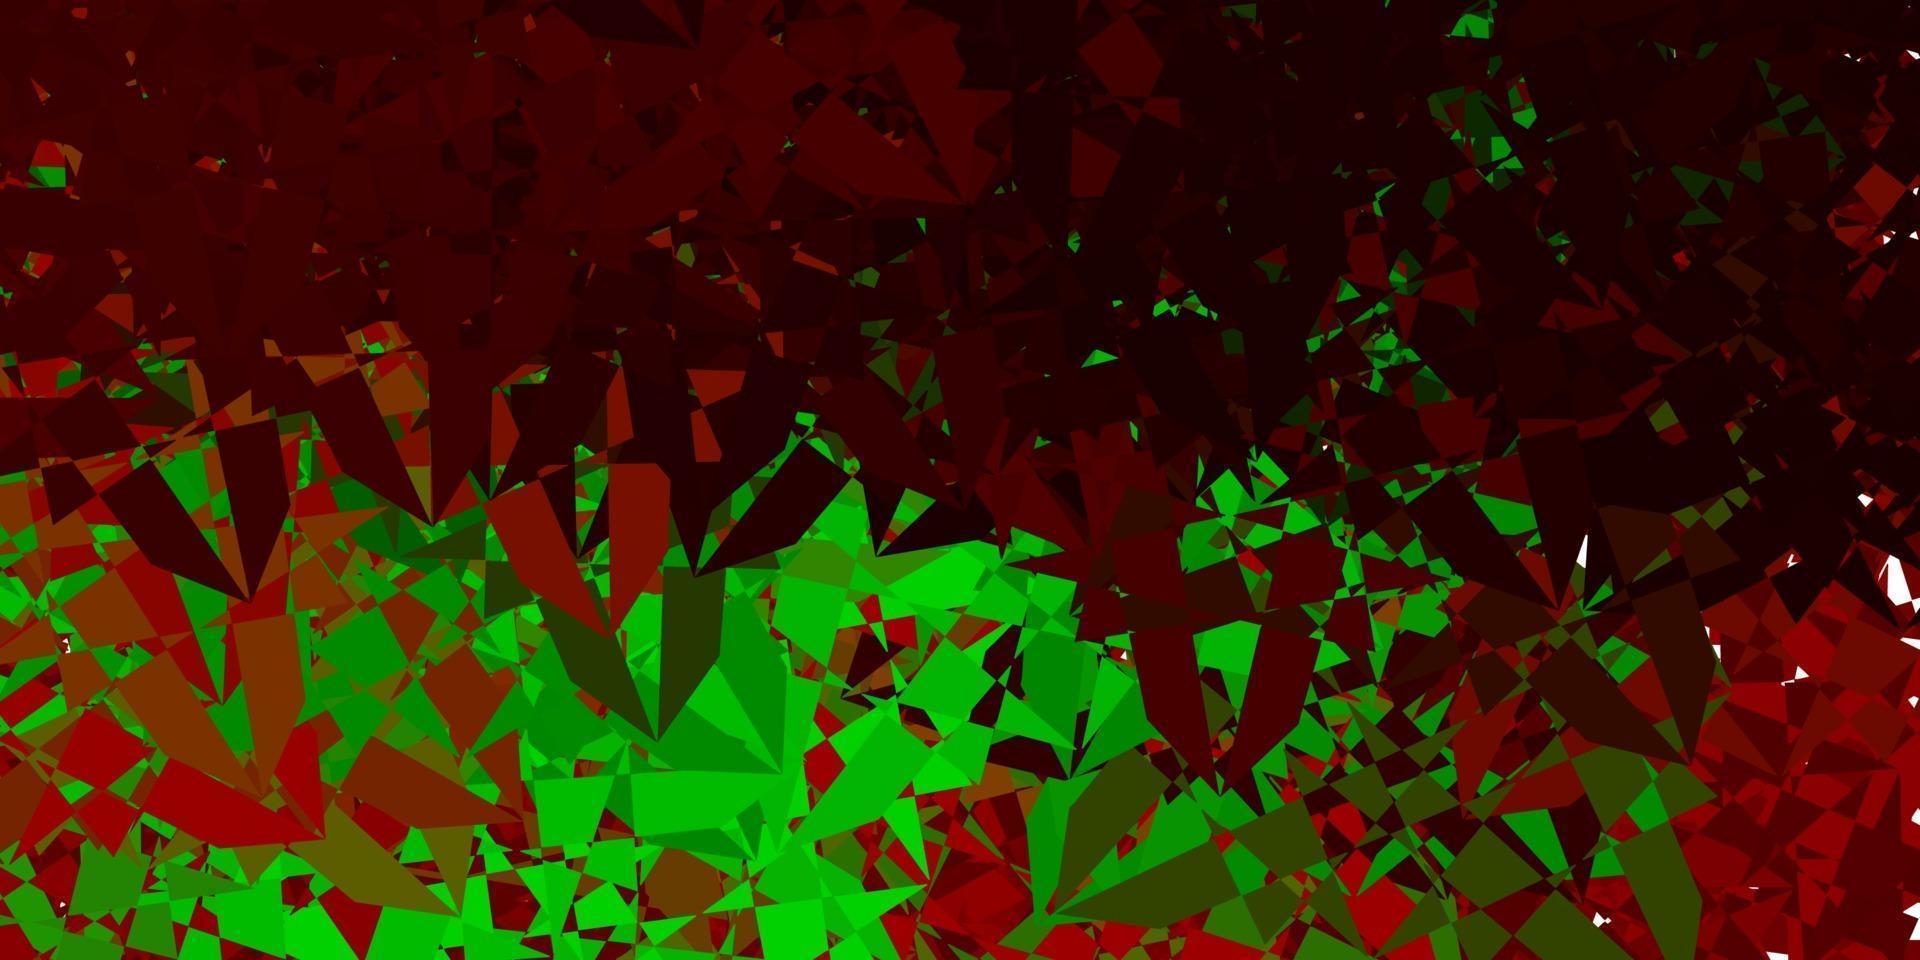 trama vettoriale verde chiaro, rosso con triangoli casuali.